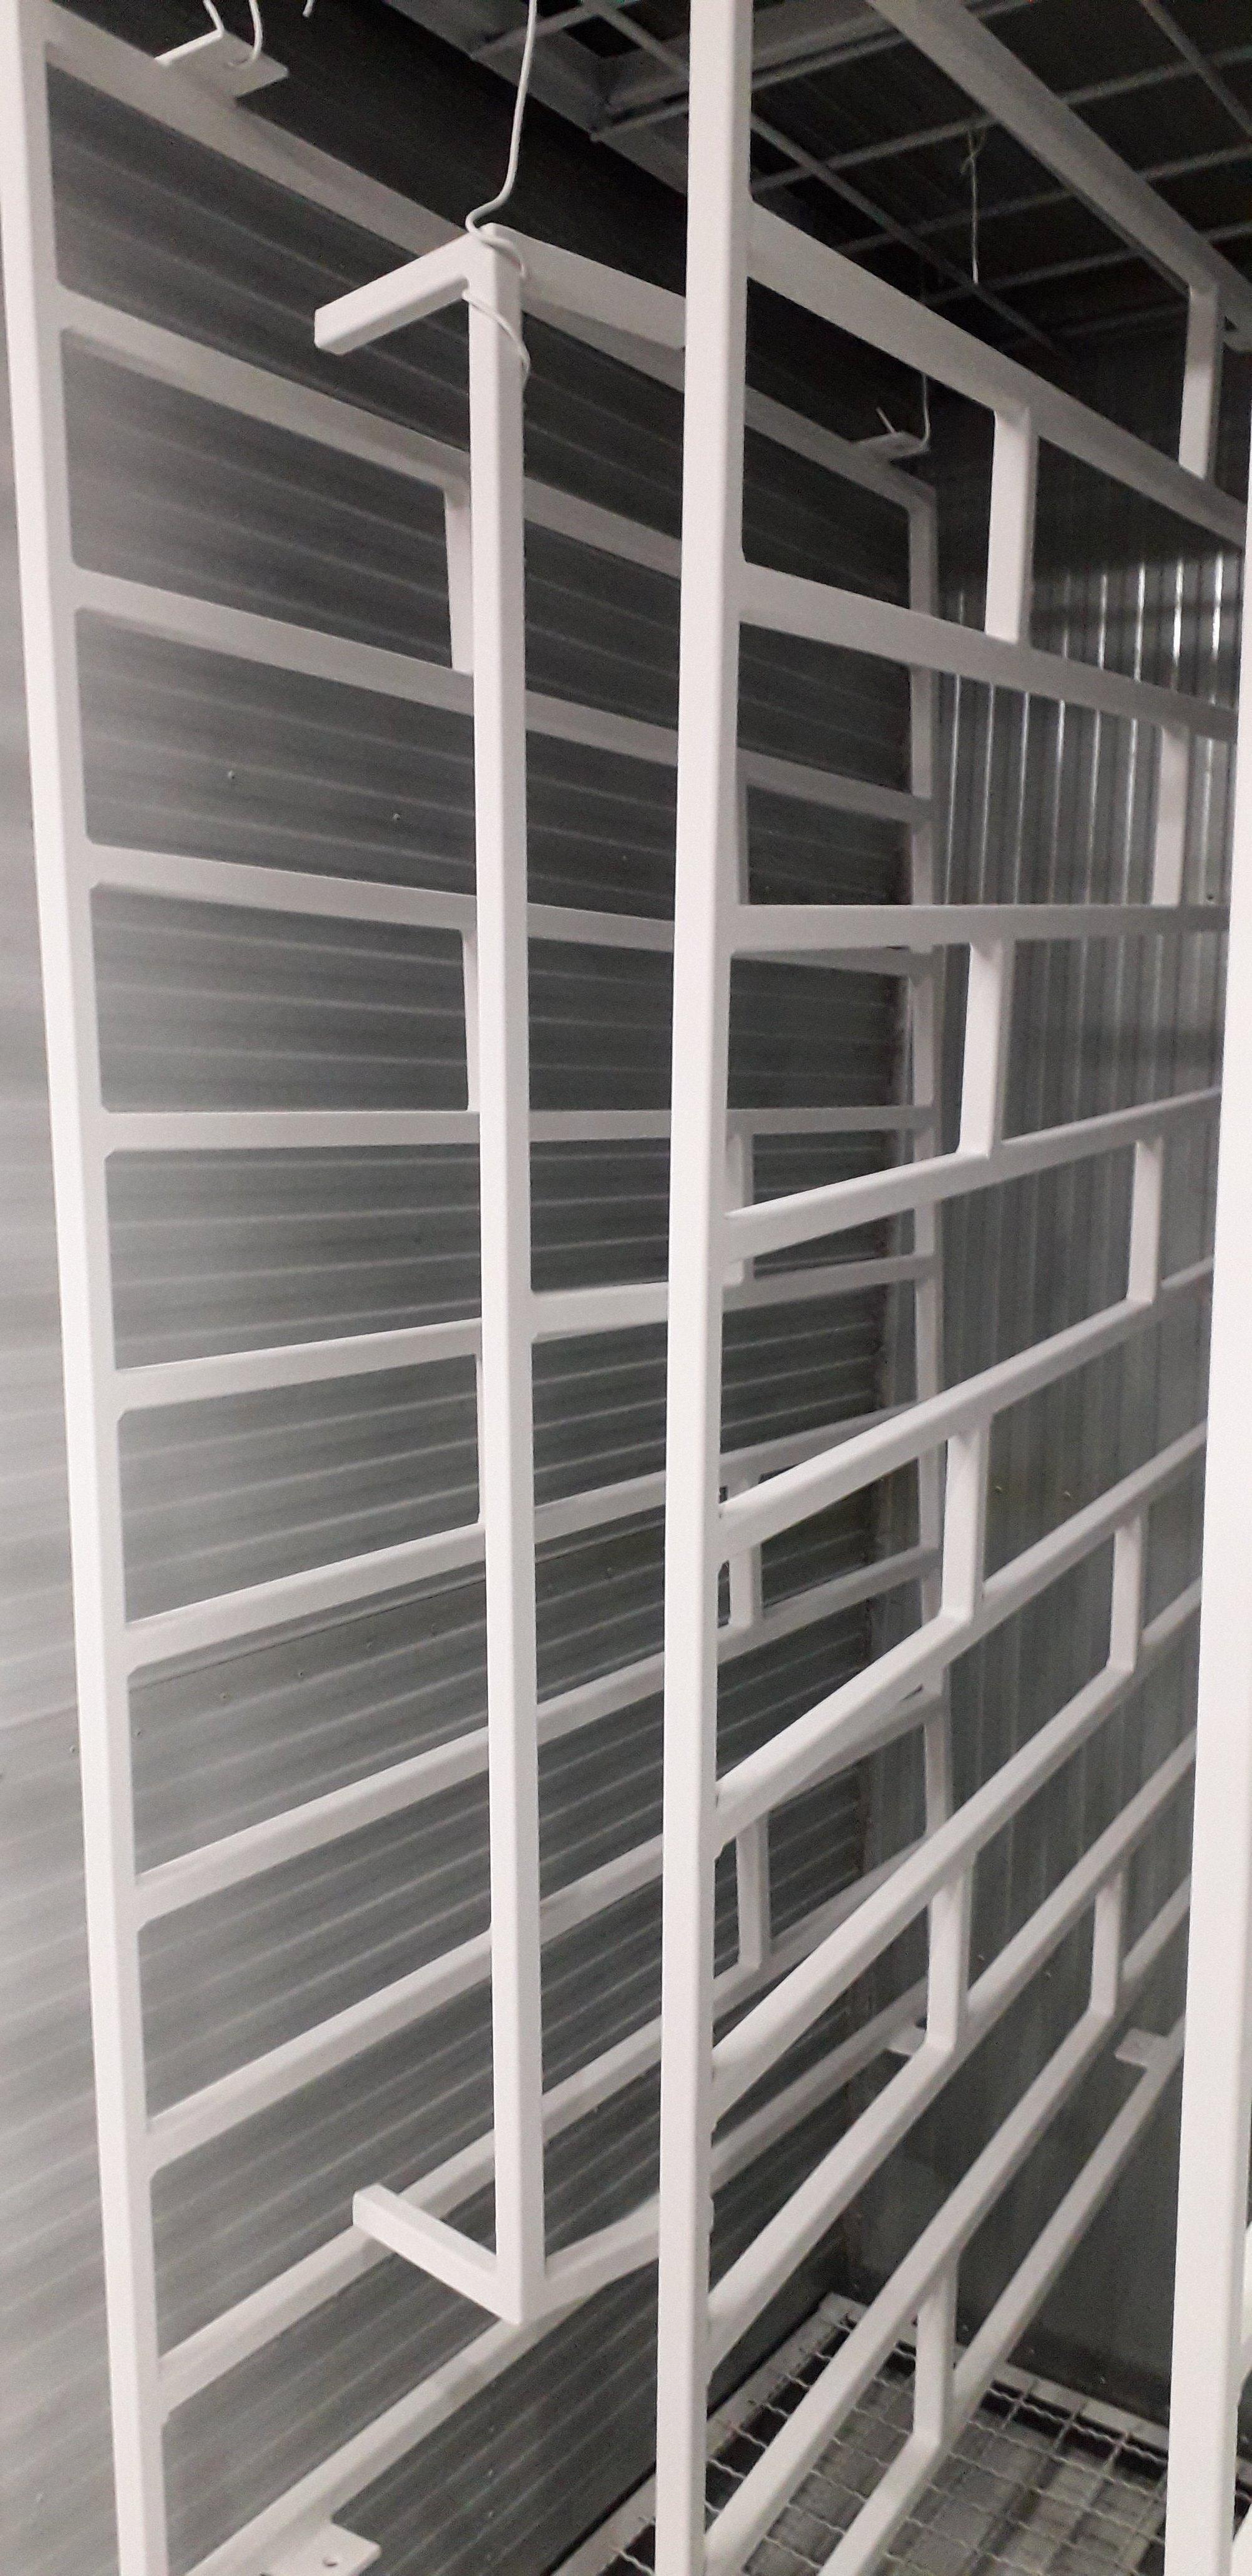 Plastifikacija rešetki za prozore